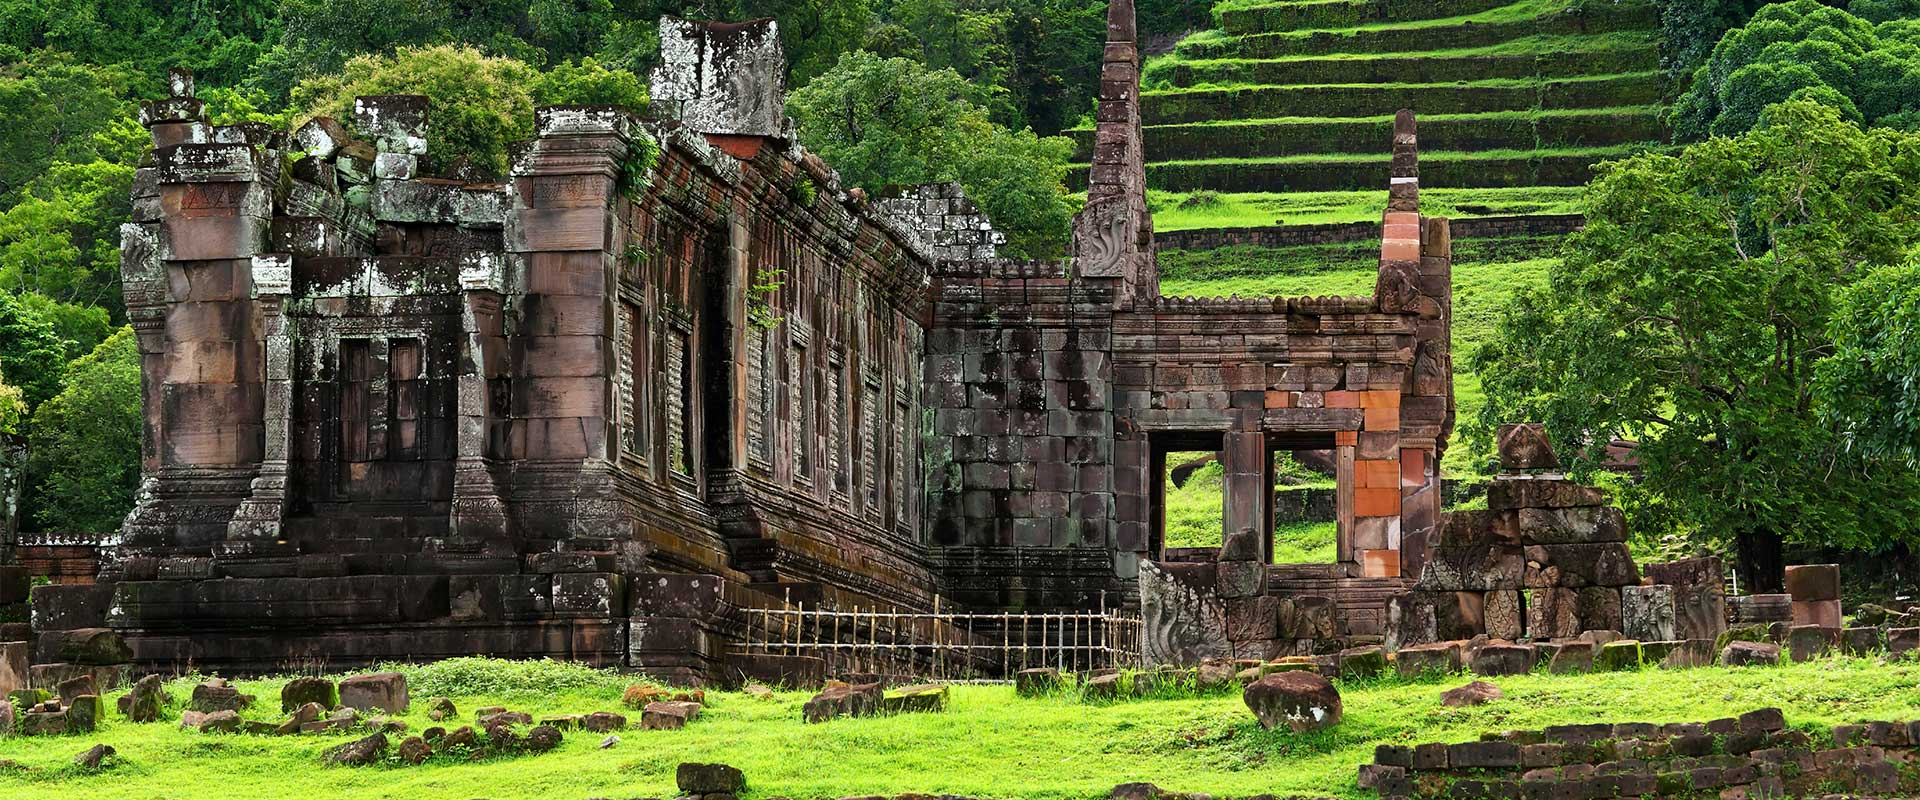 Ruines d'un temple en pierre à Wat phou